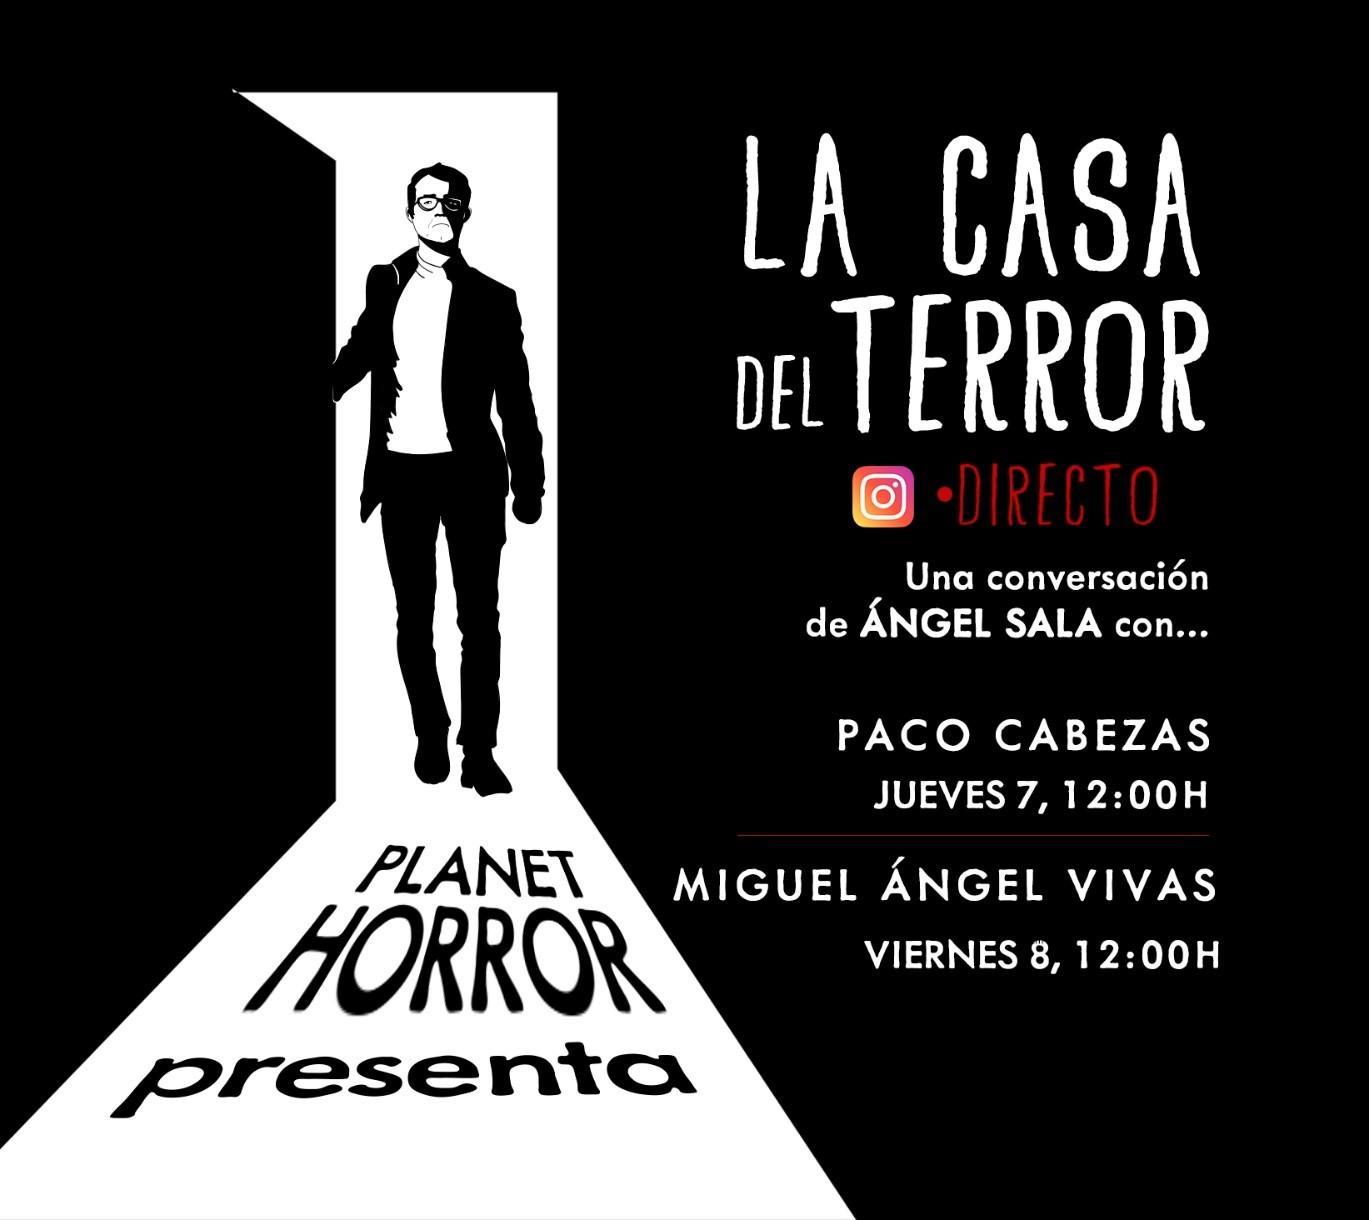 Planet Horror presenta La casa del terror con Paco Cabezas y Miguel Ángel Vivas.